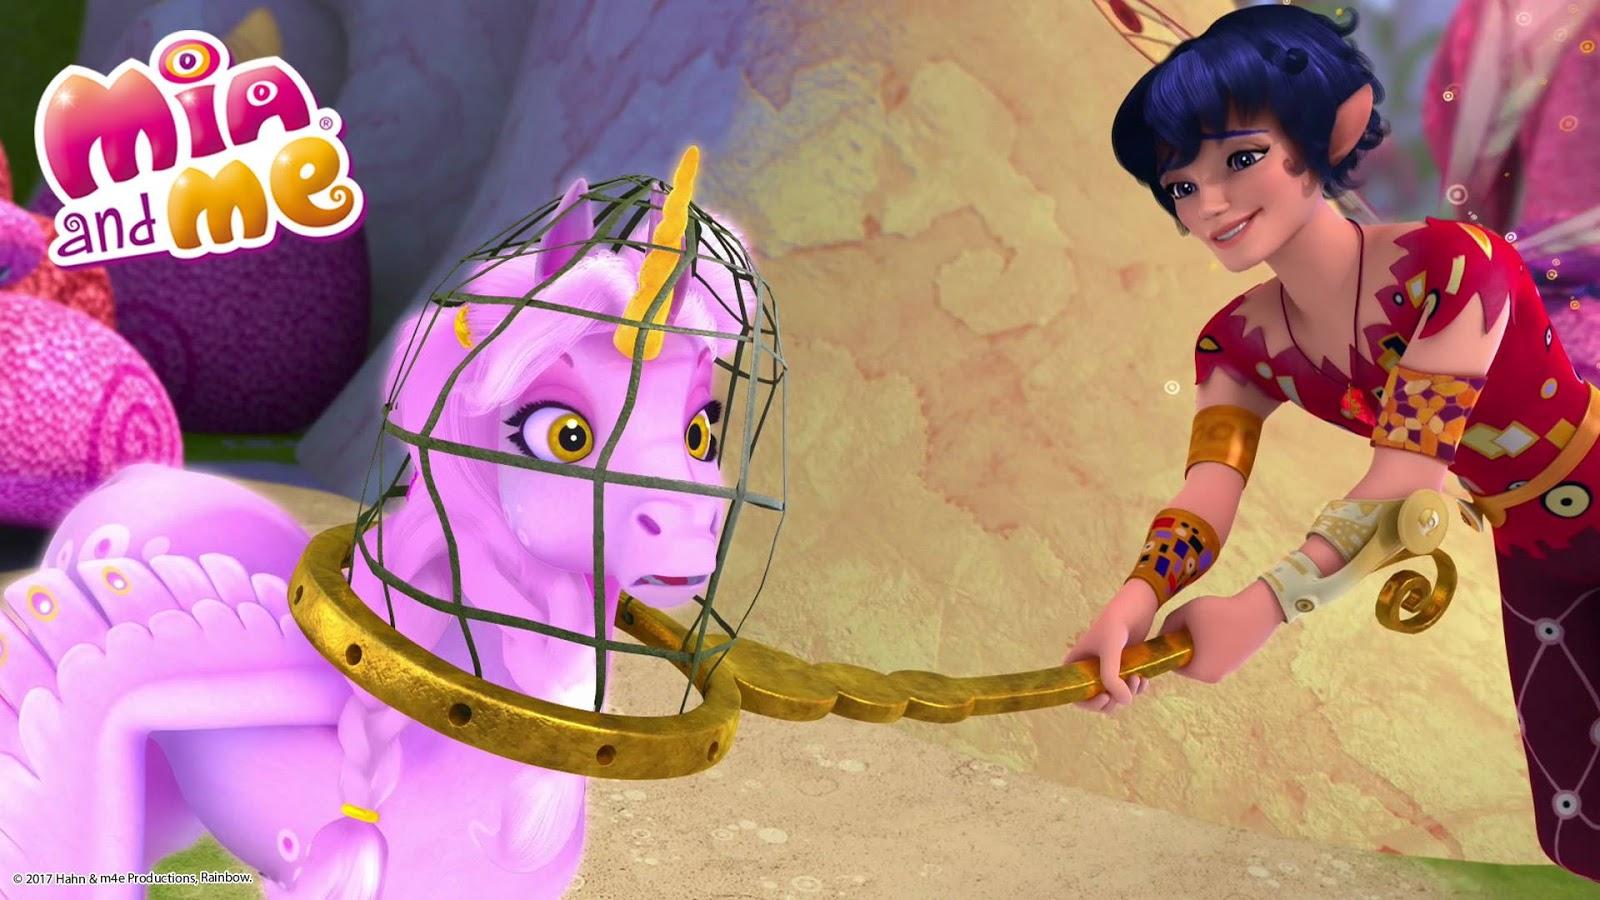 mia and mepretty captura de kyria y mo en la tercera